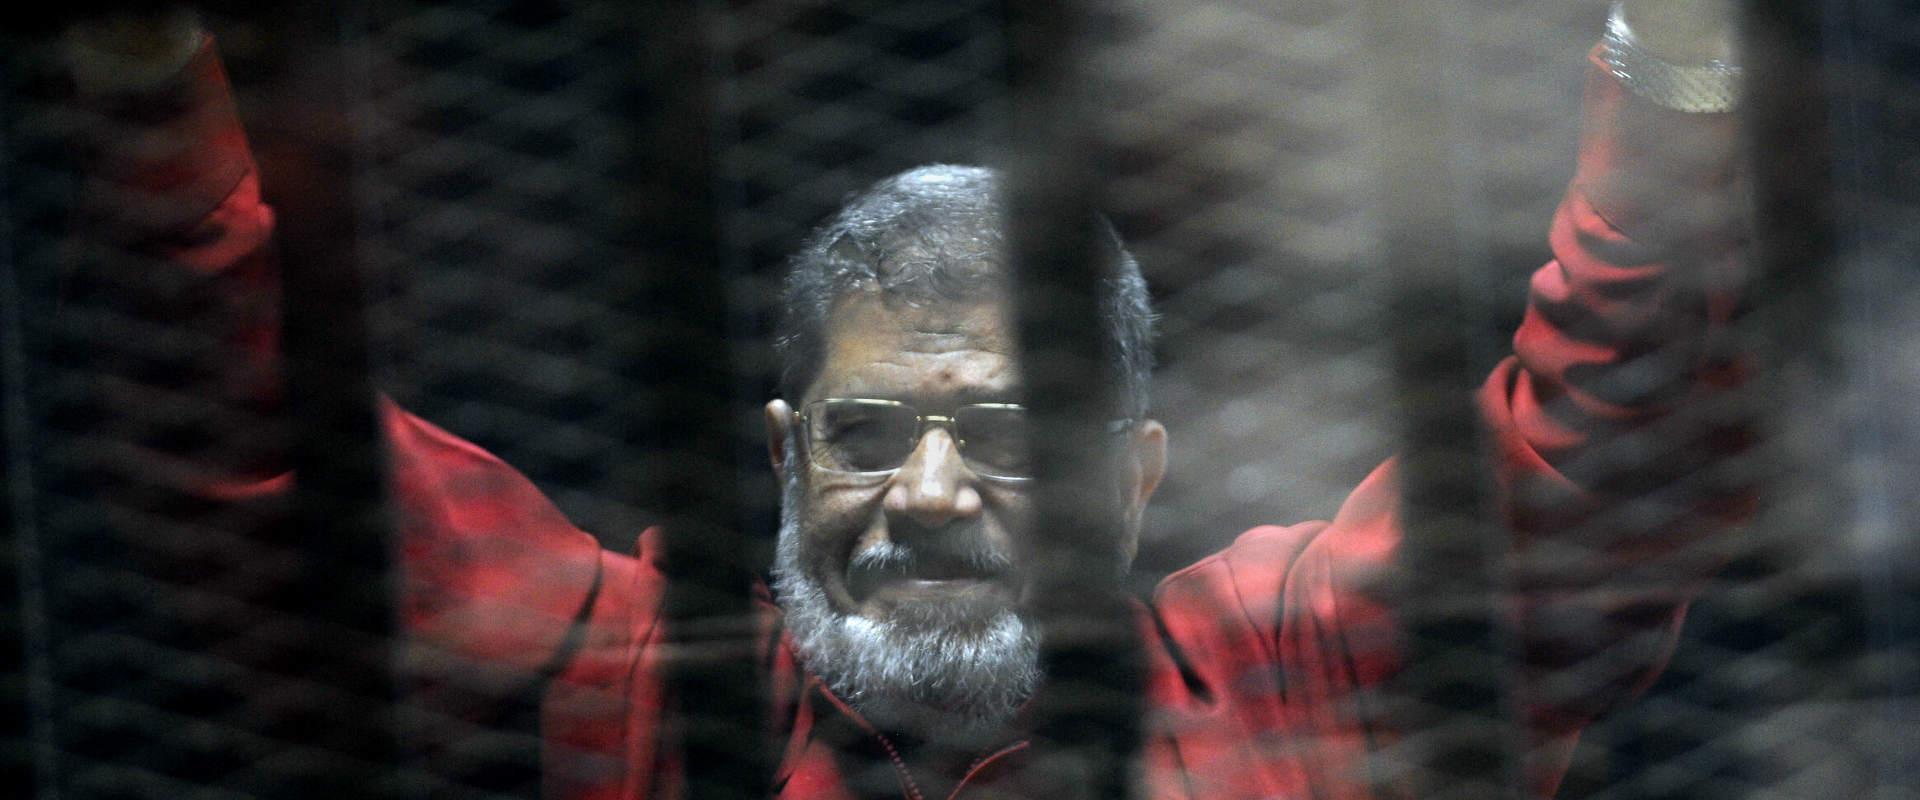 נשיא מצרים לשעבר, מוחמד מורסי, במדי אסיר